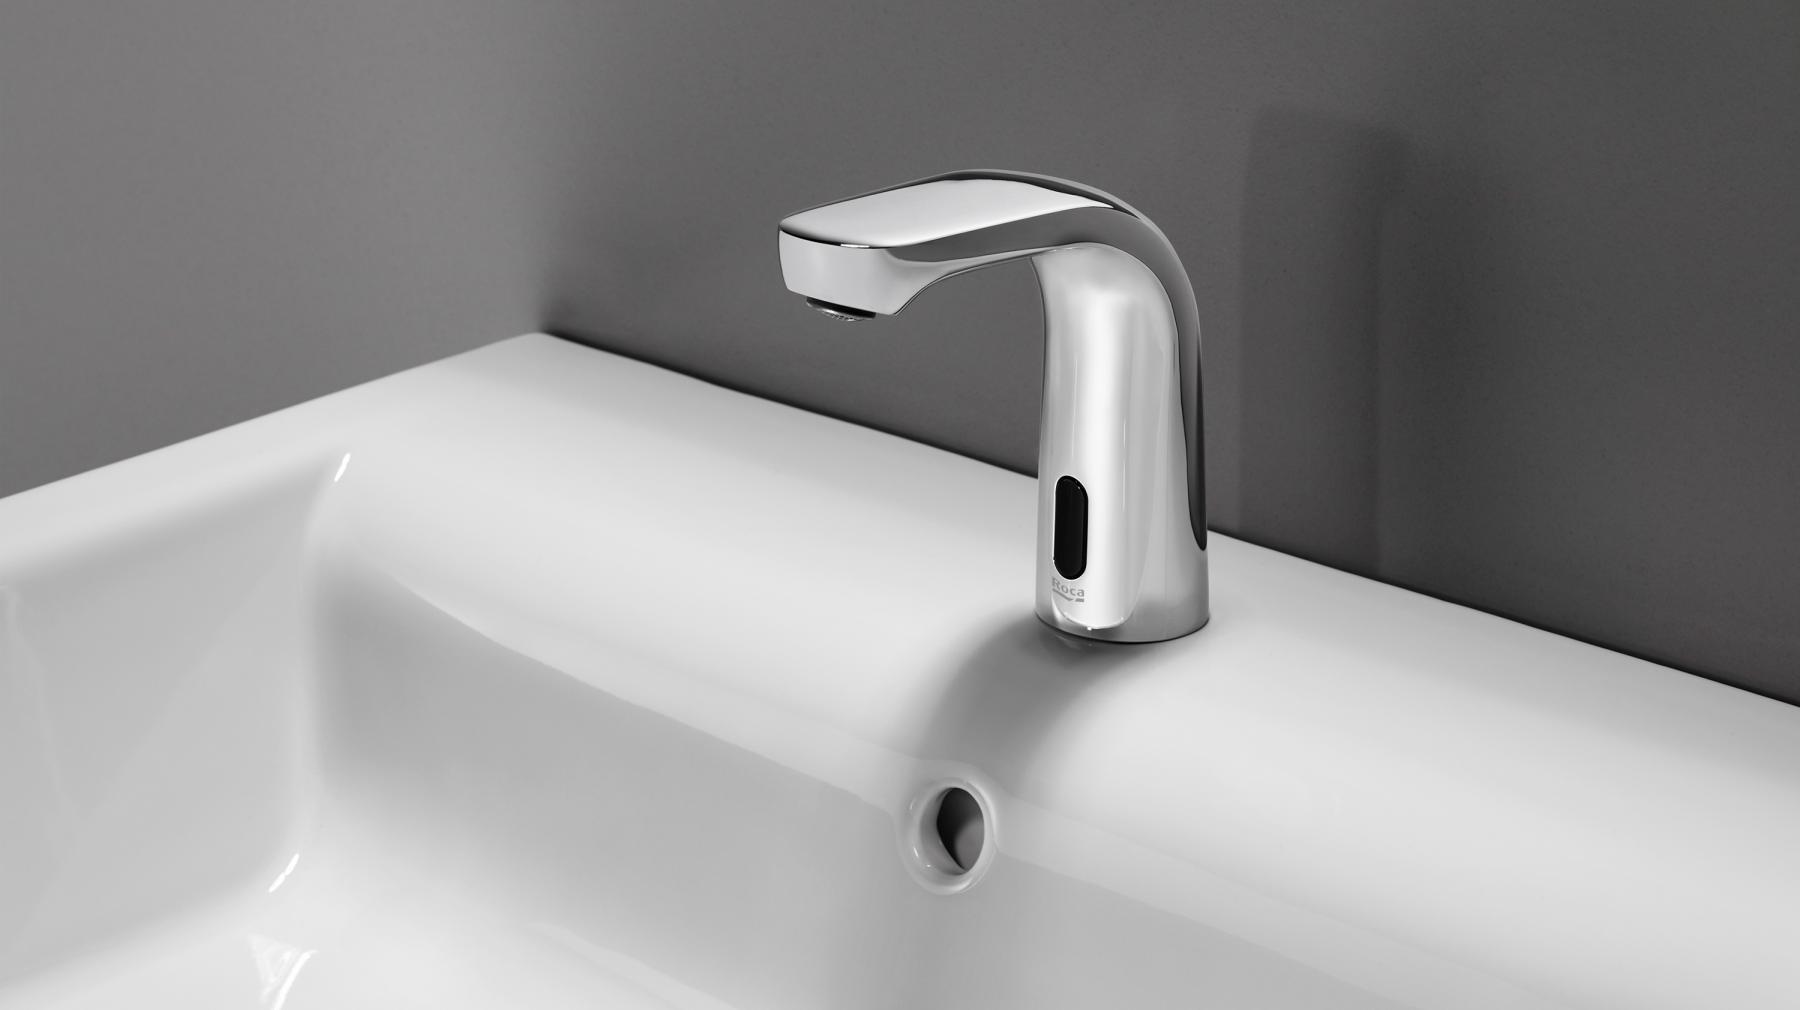 Soluciones Touchless de Roca para mayor seguridad en el baño ...